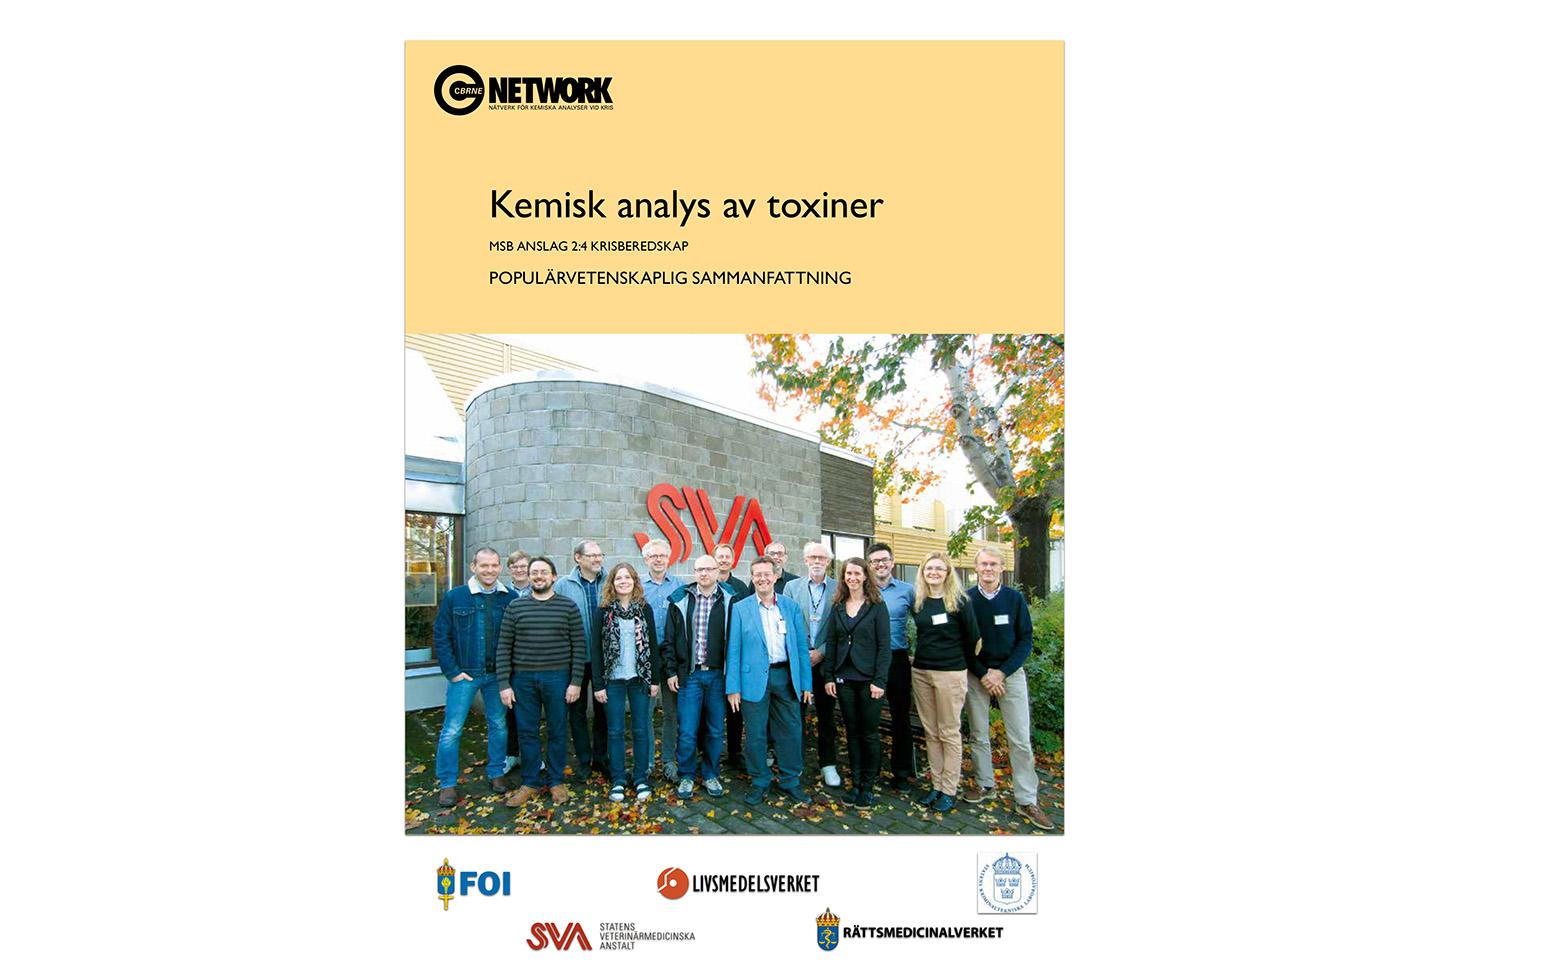 Kemisk analys av toxiner